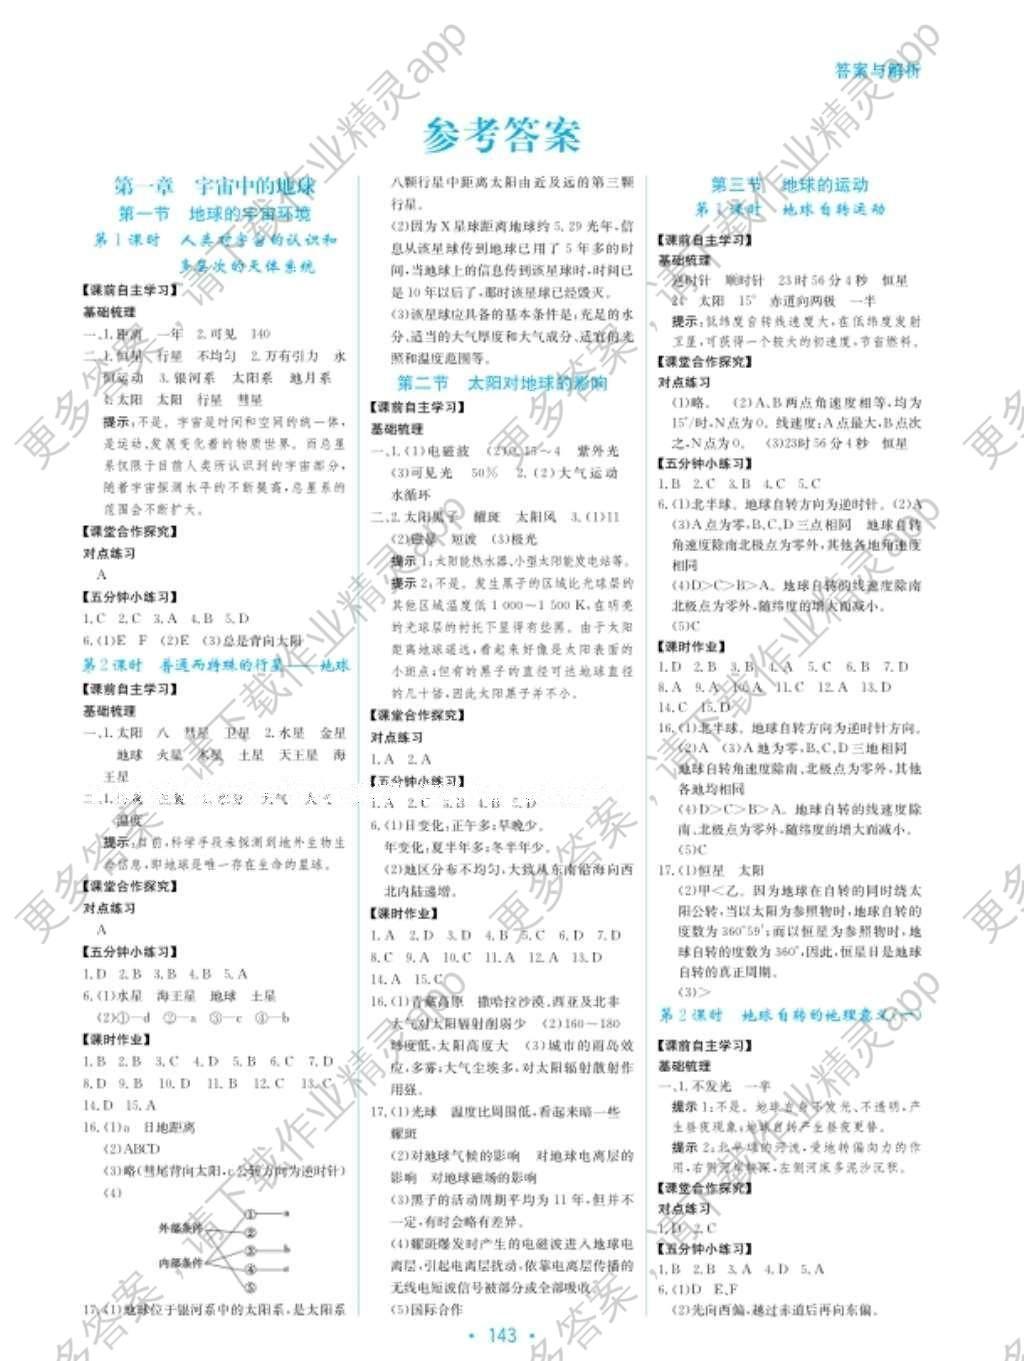 学法大视野重点地理v重点1湘教版答案考高中高中图片